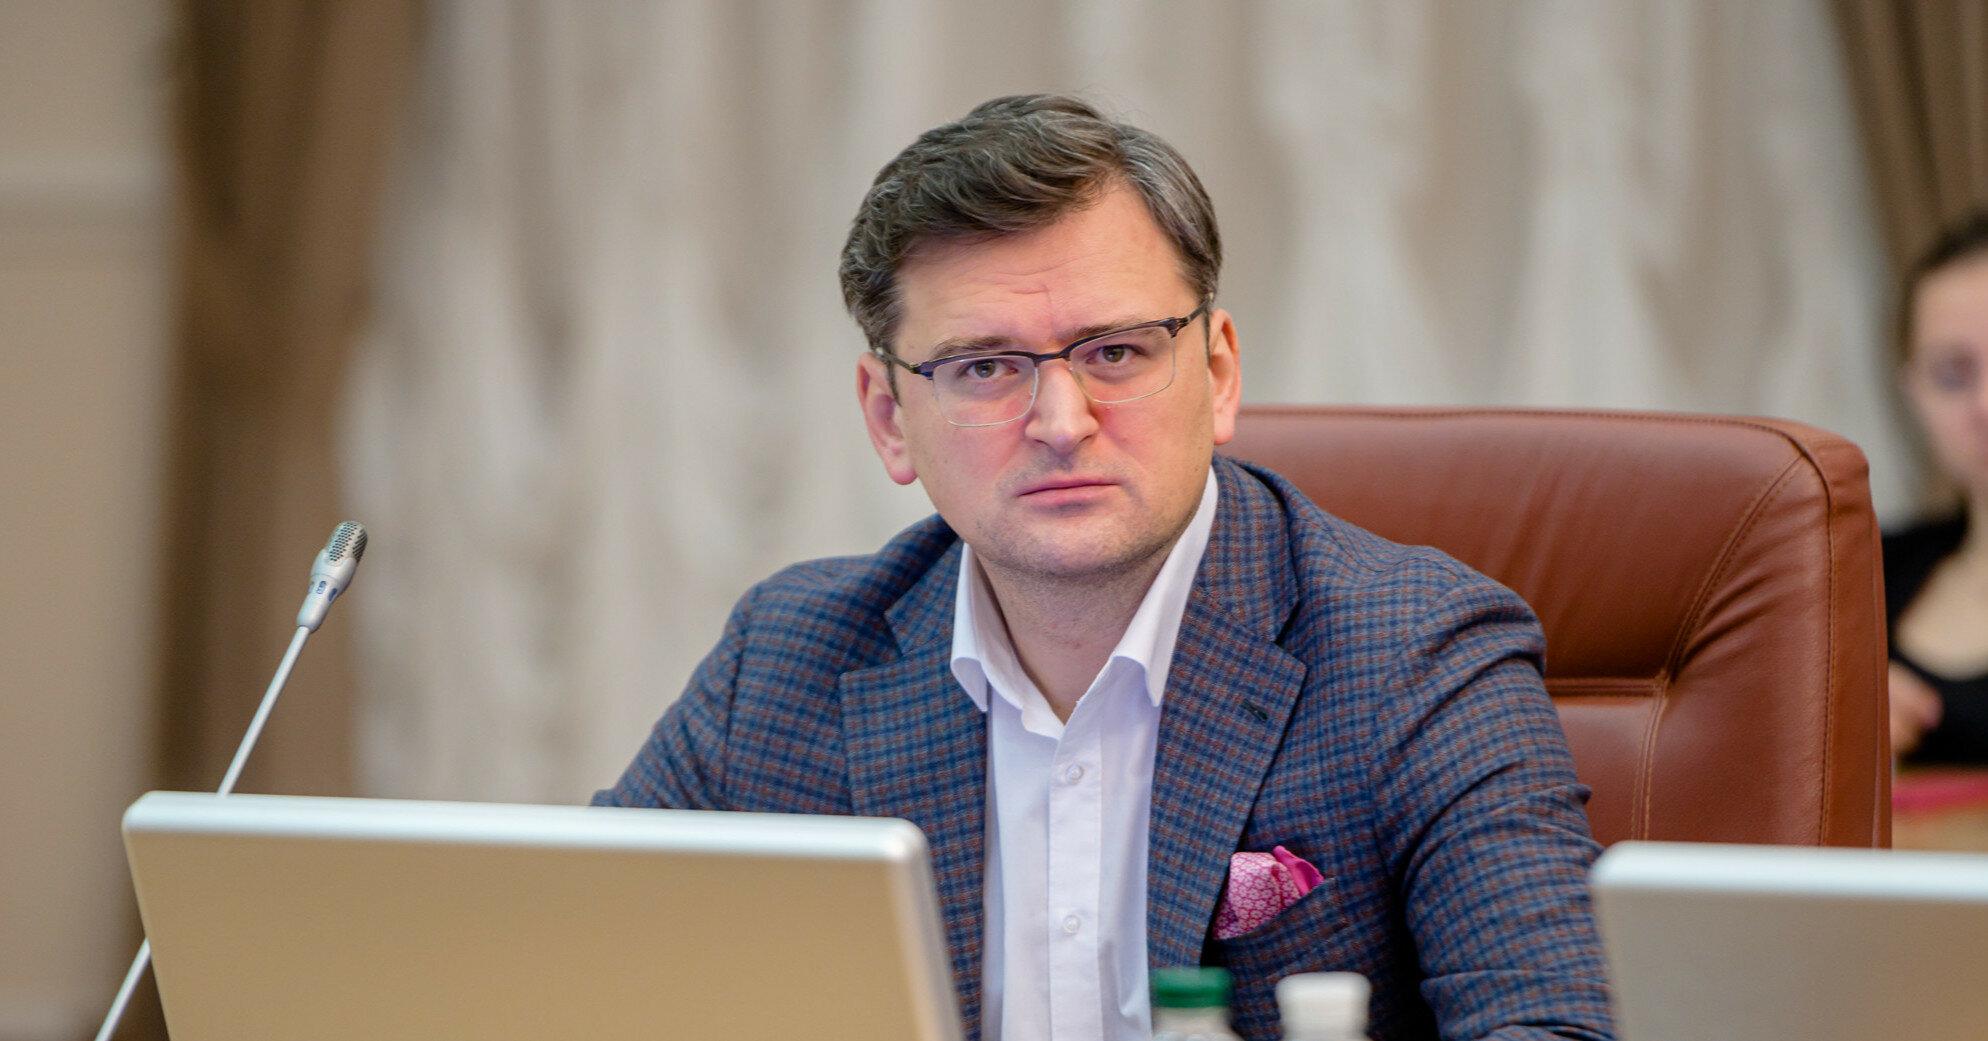 РФ шантажирует страны за участие в Крымской платформе – Кулеба